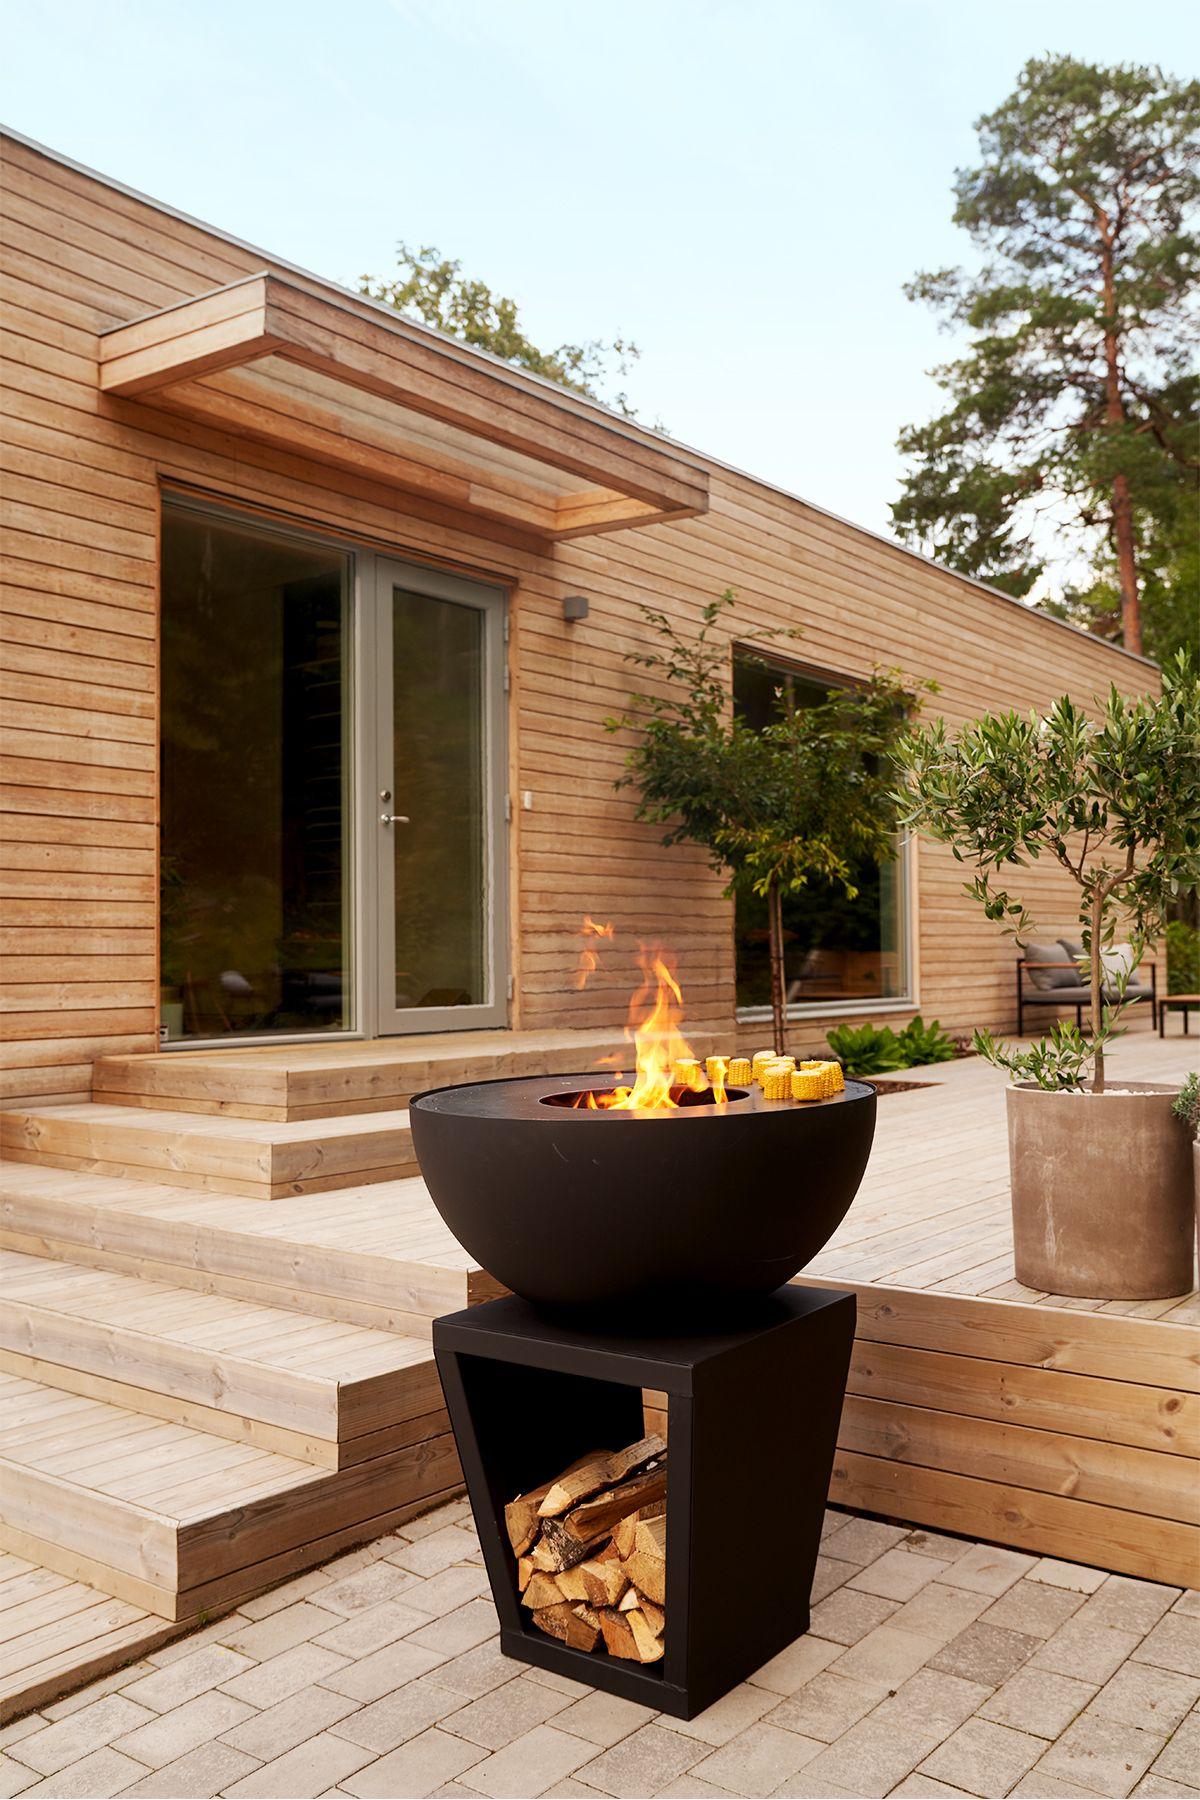 Feuerschale Fur Garten Und Terrasse Feuerschalen Garten Feuerschale Feuerstelle Garten